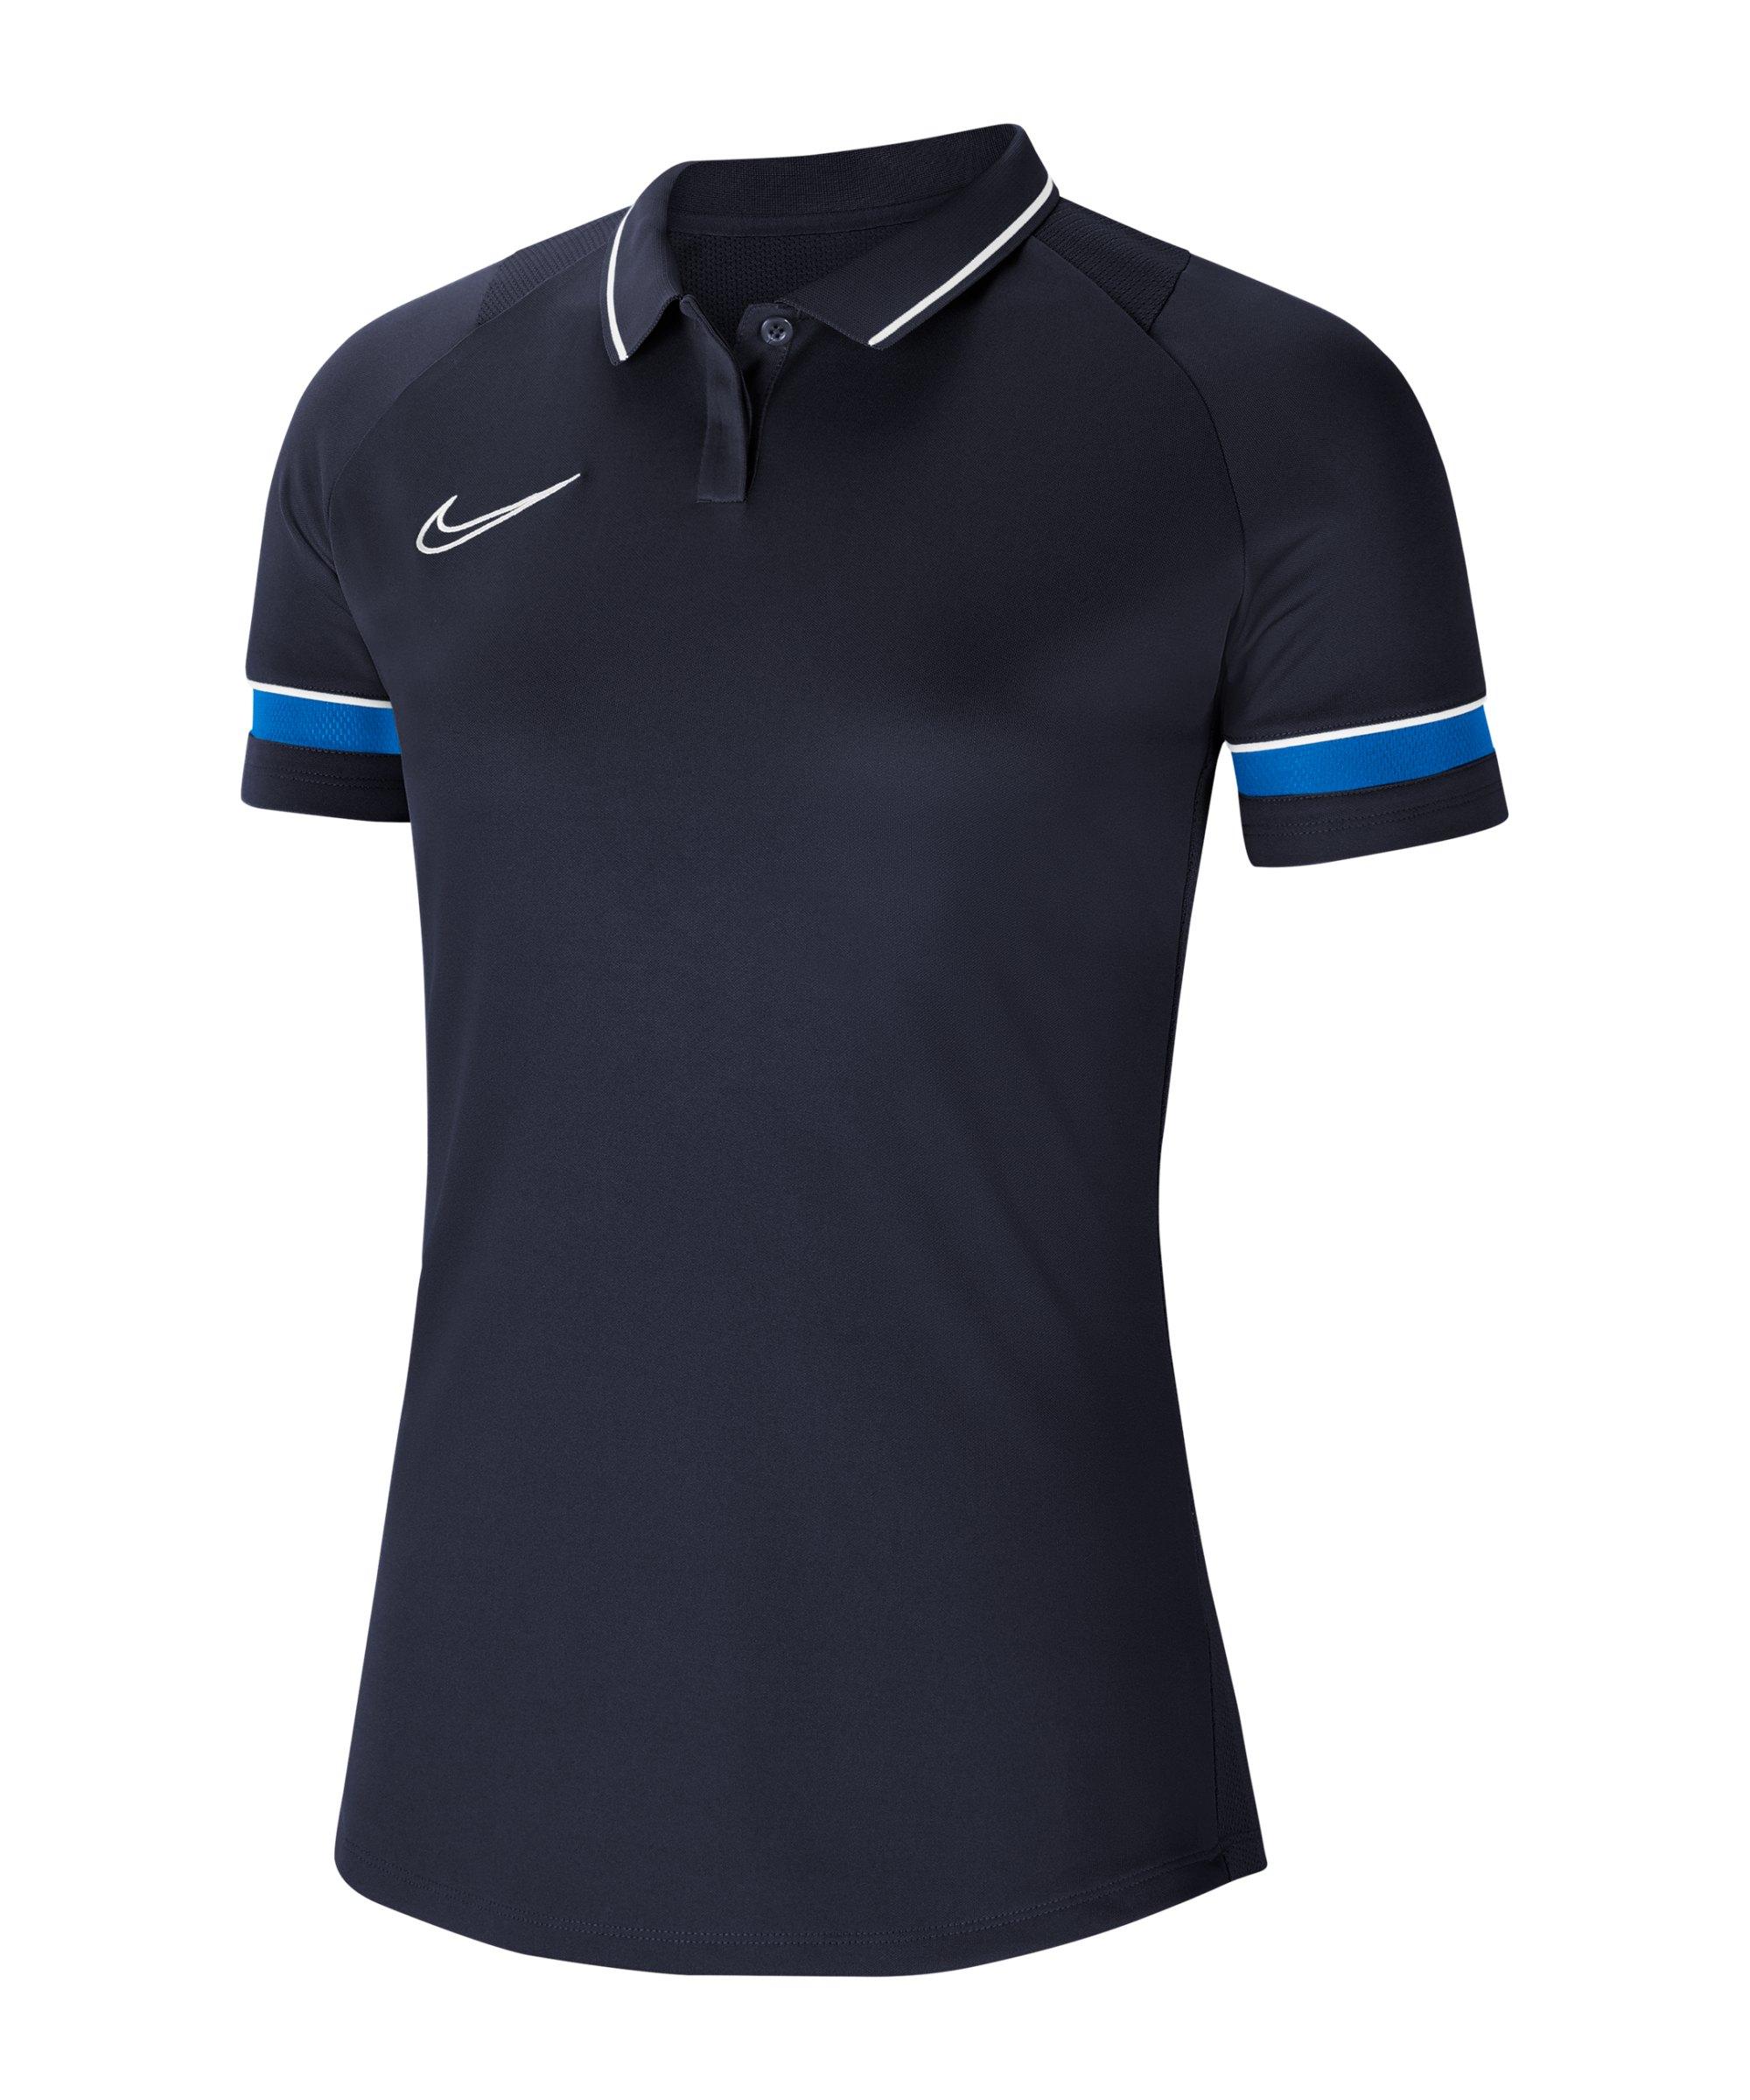 Nike Academy 21 Poloshirt Damen Blau F453 - blau